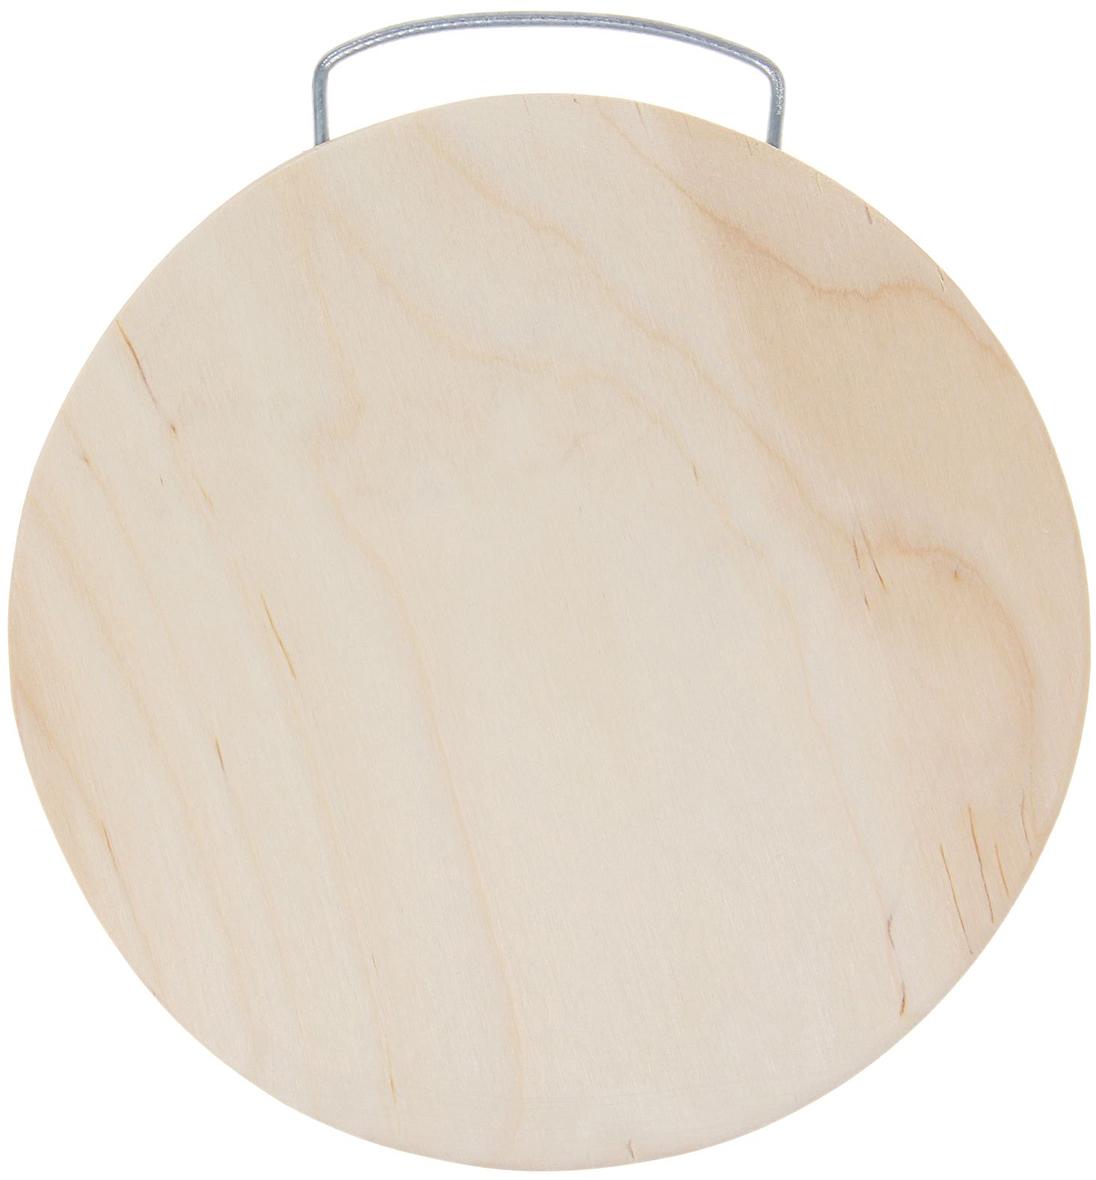 Доска разделочная Натуральное дерево, цвет: бежевый, 27 х 25 х 0,8 см1398560От качества посуды зависит не только вкус еды, но и здоровье человека. Доска— товар, соответствующий российским стандартам качества. Любой хозяйке будет приятно держать его в руках. С такой посудой и кухонной утварью приготовление еды и сервировка стола превратятся в настоящий праздник.